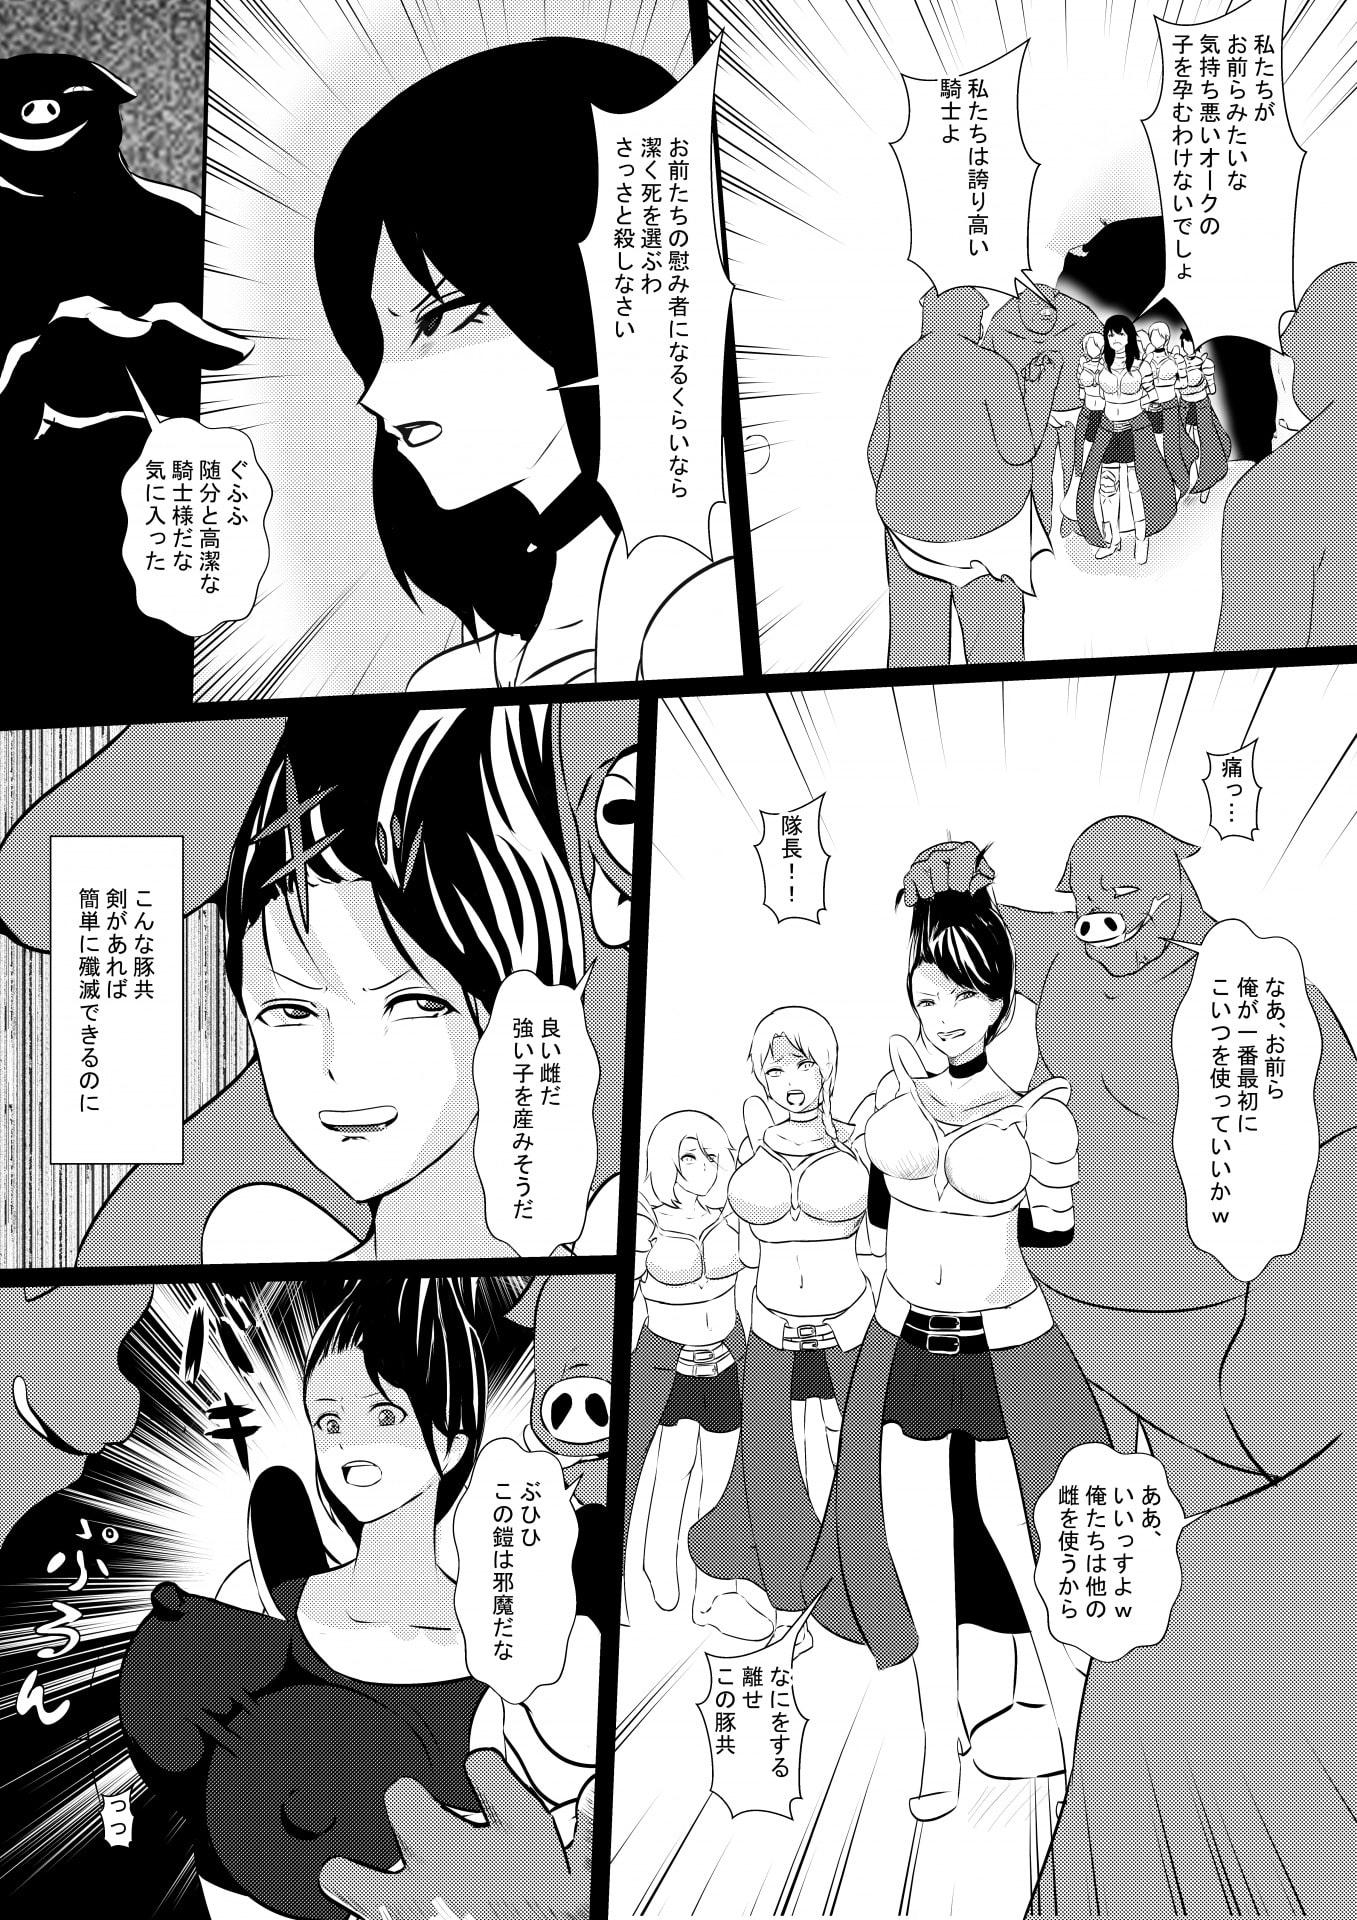 雌隷牧場~堕ちた女騎士篇~ サンプル画像3